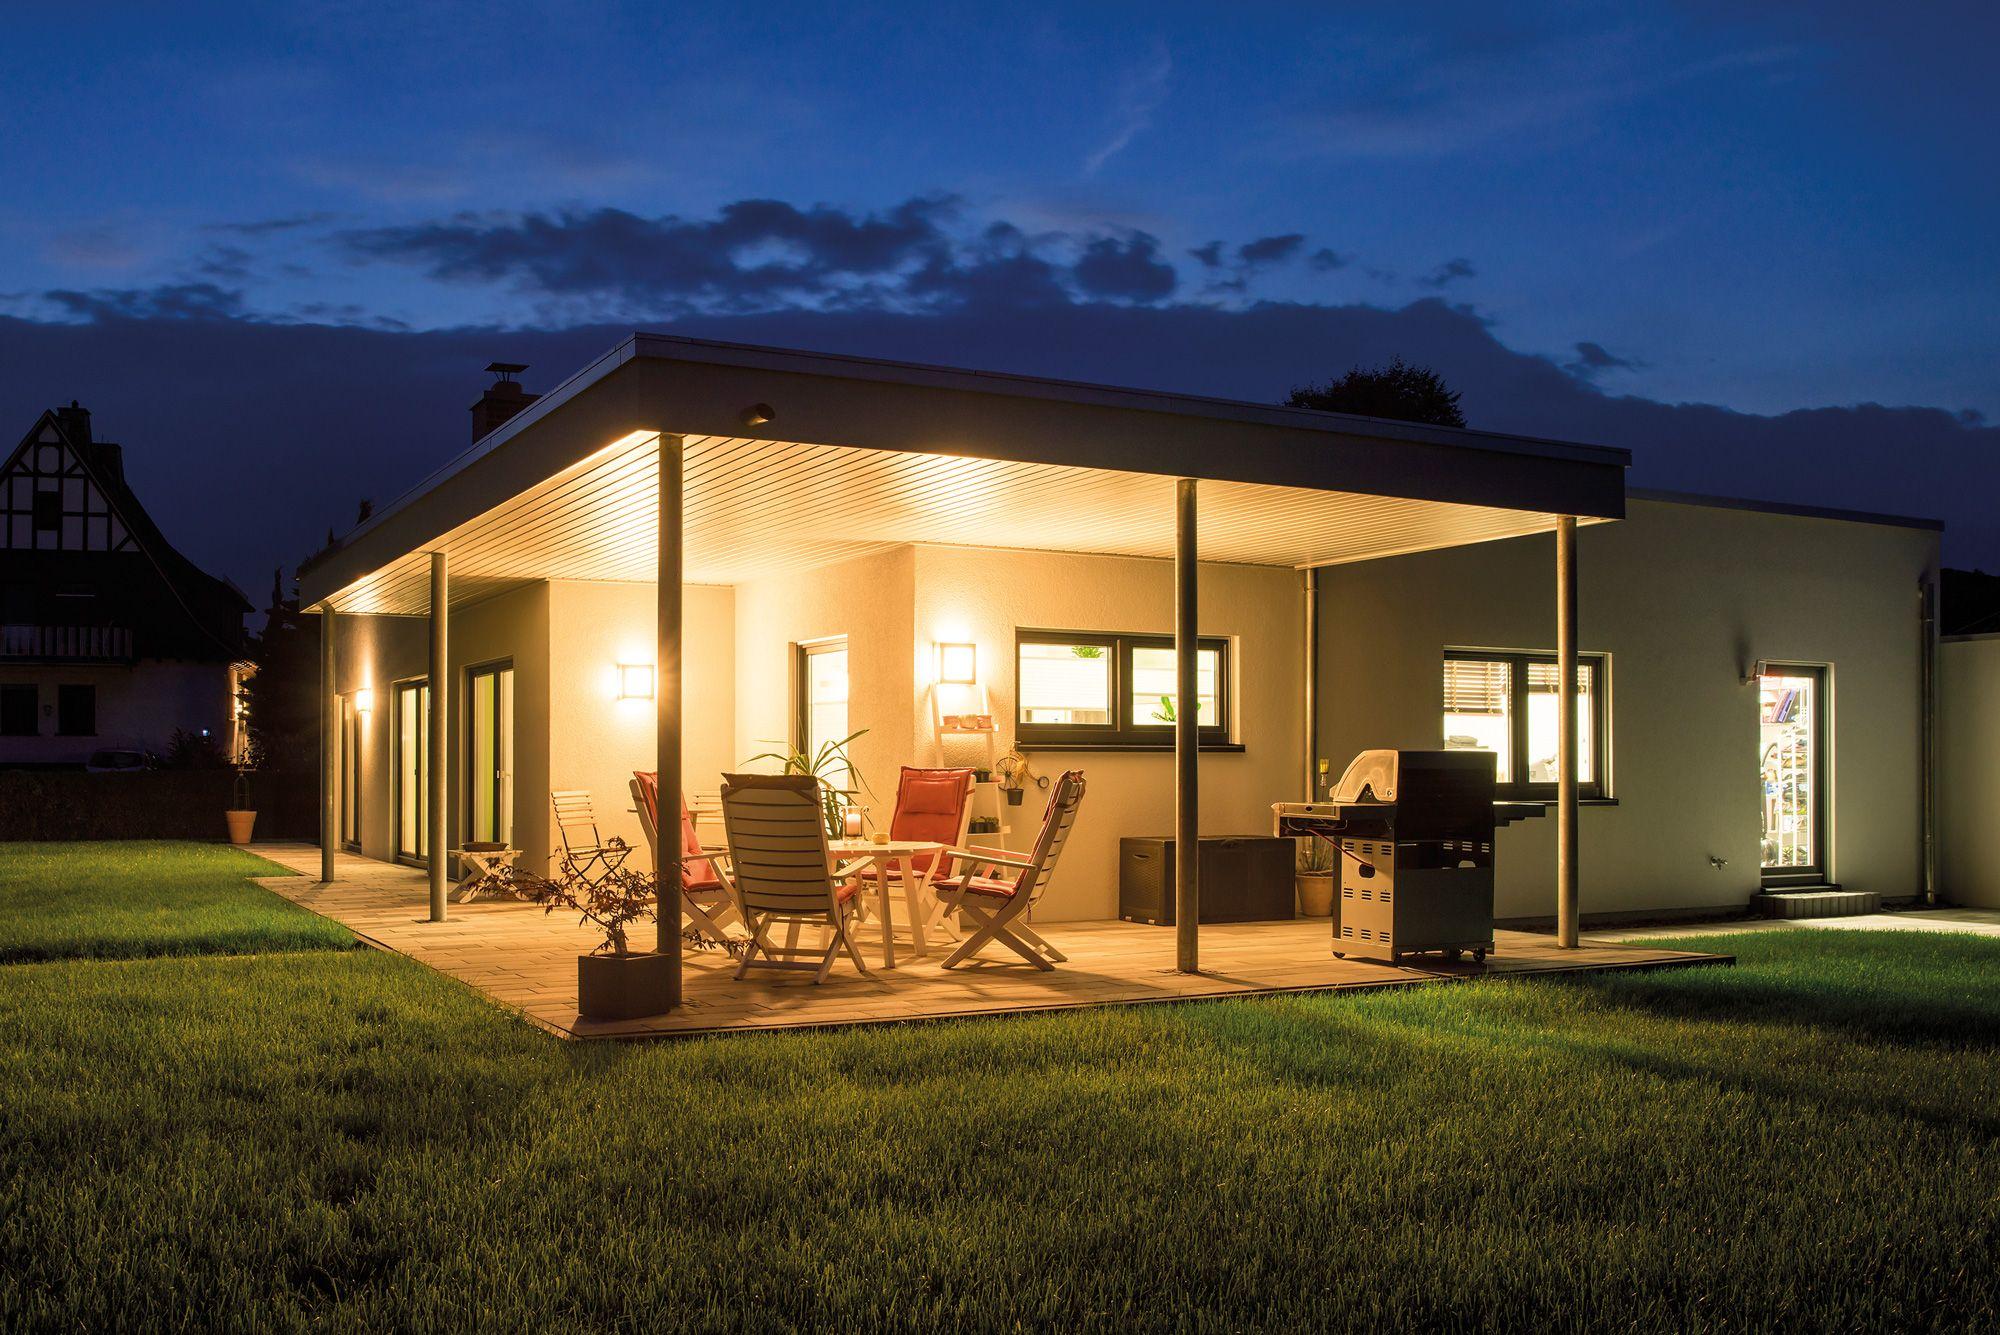 bungalow mit berdachter terrasse terrasse und garten pinterest terrasse garten und haus. Black Bedroom Furniture Sets. Home Design Ideas